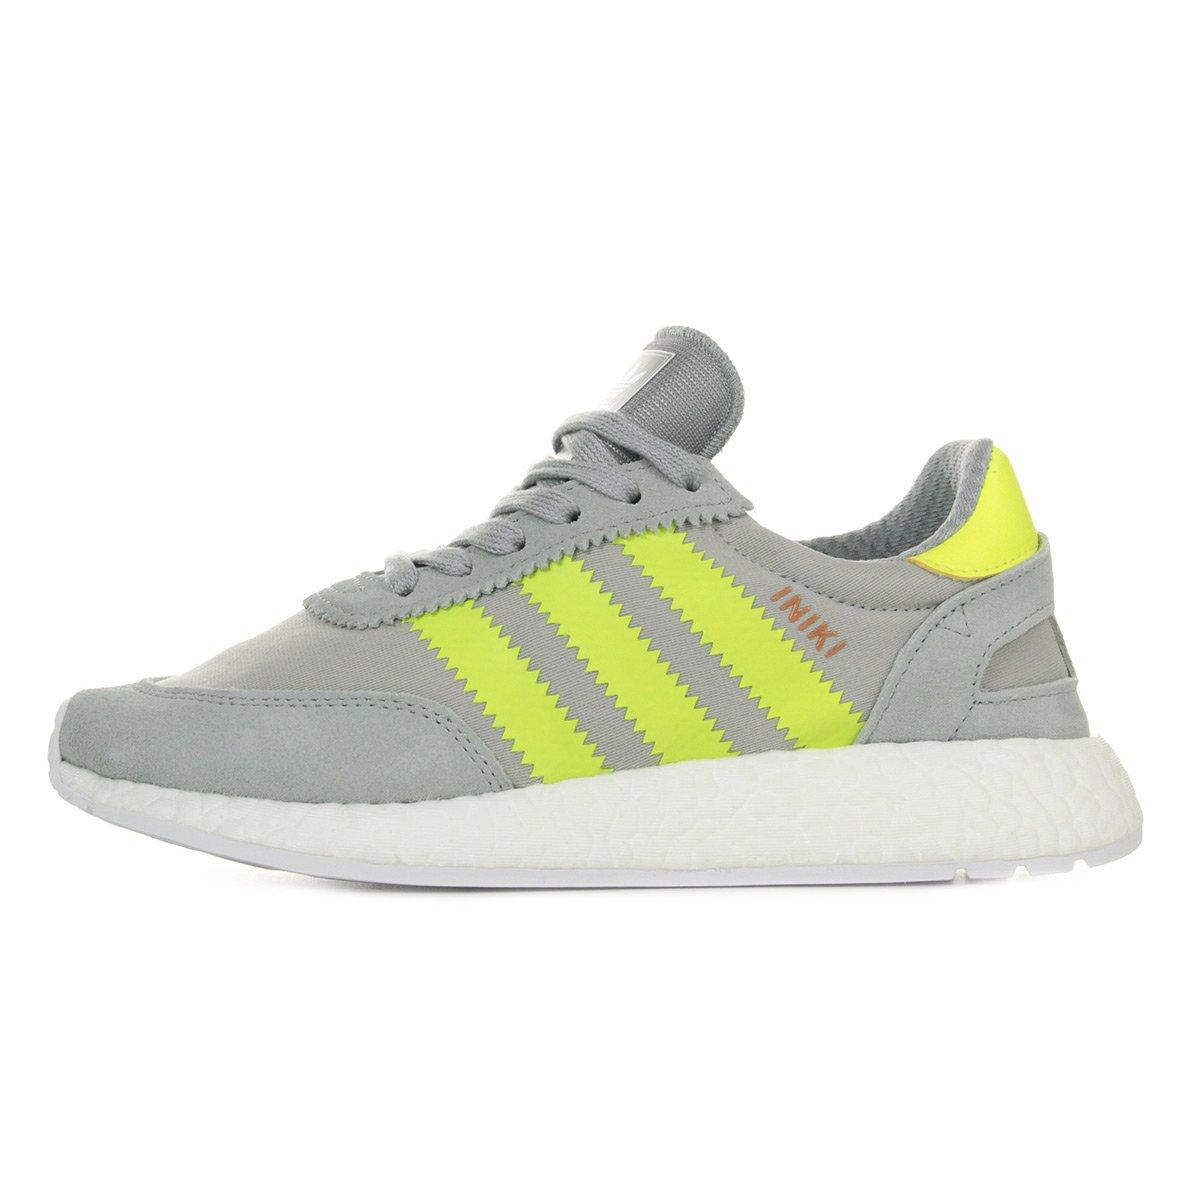 adidas Iniki Runner Damen Schuhe Turnschuhe Sneaker BB0001 Neu OVP EU 40 2 3 Grau  - associate-degree.de 203a62c628